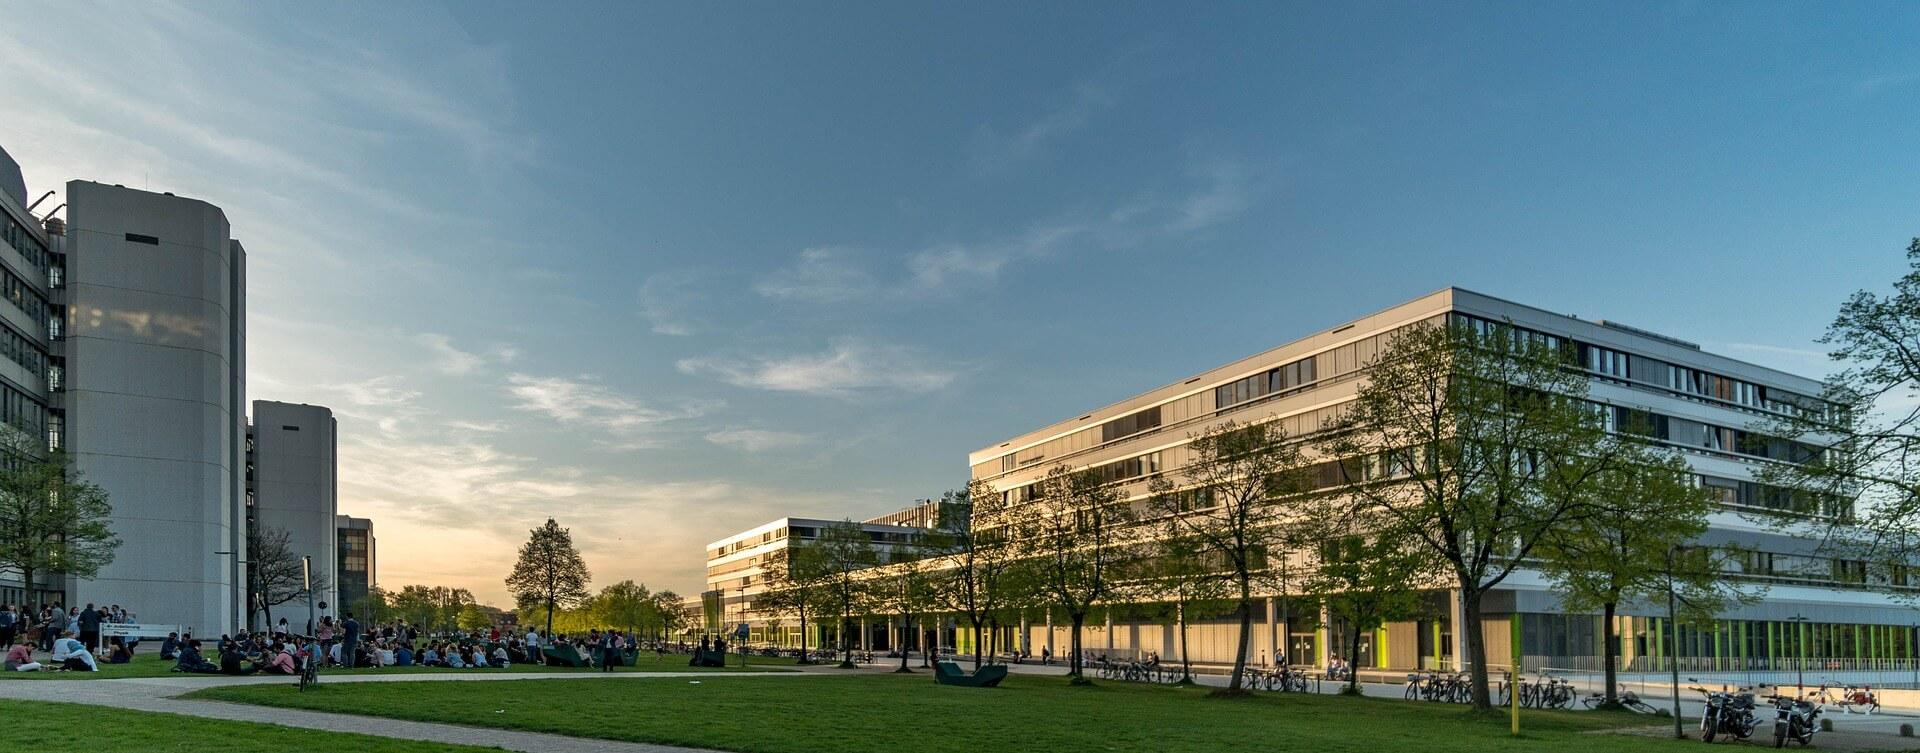 Jobs-Stellenangebote-Bielefeld-Universität-Campus